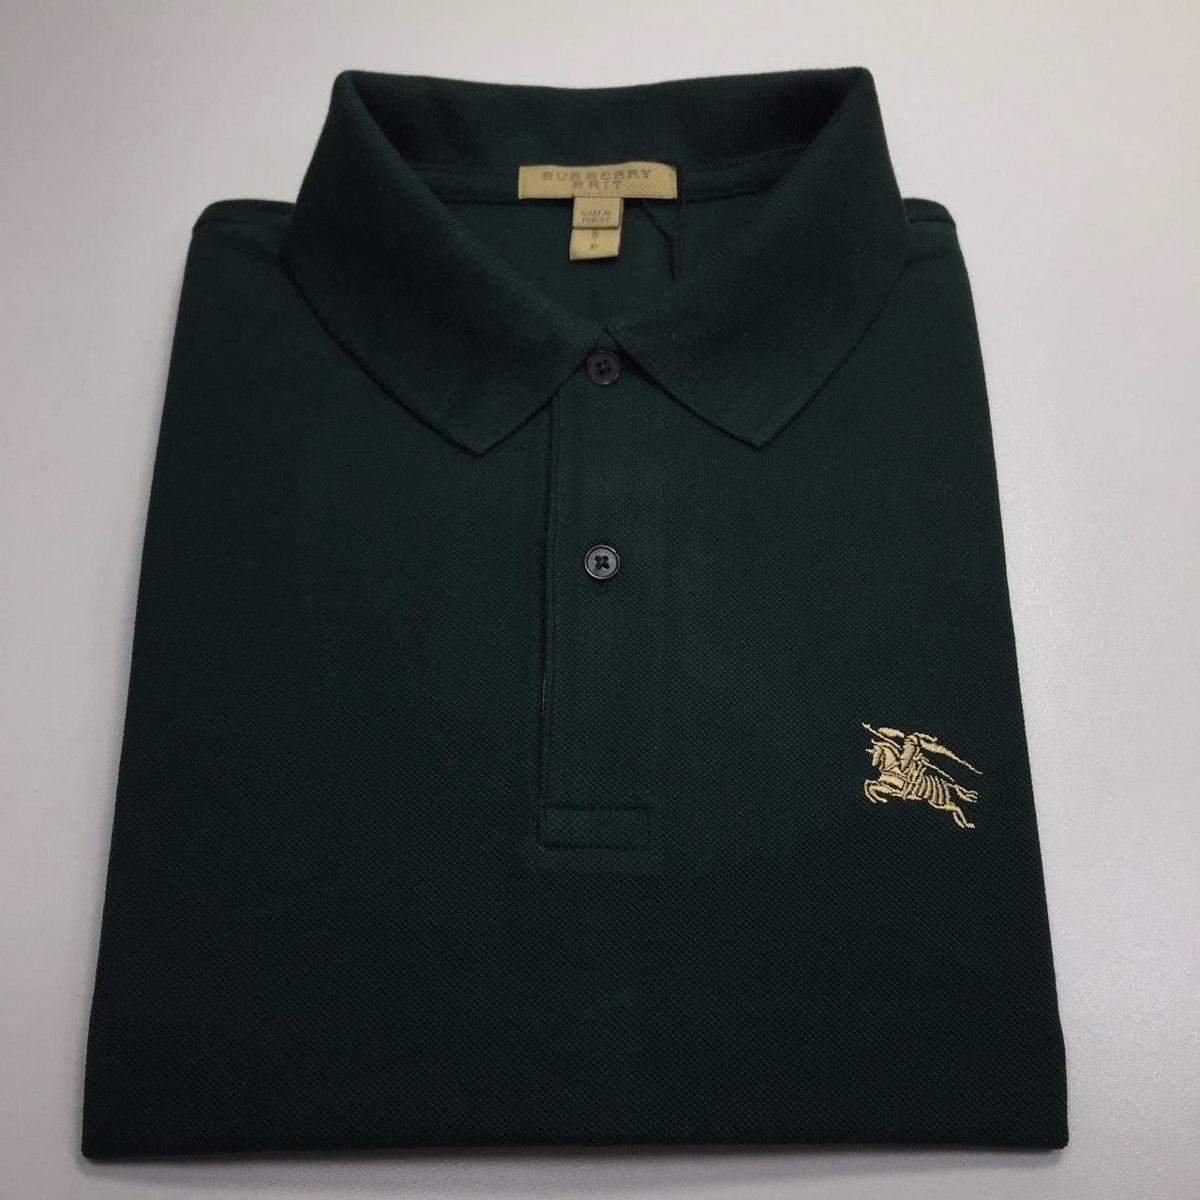 camisa polo burberry brit masculina   tamanho xxl   original. Carregando  zoom. ea41cc1e473